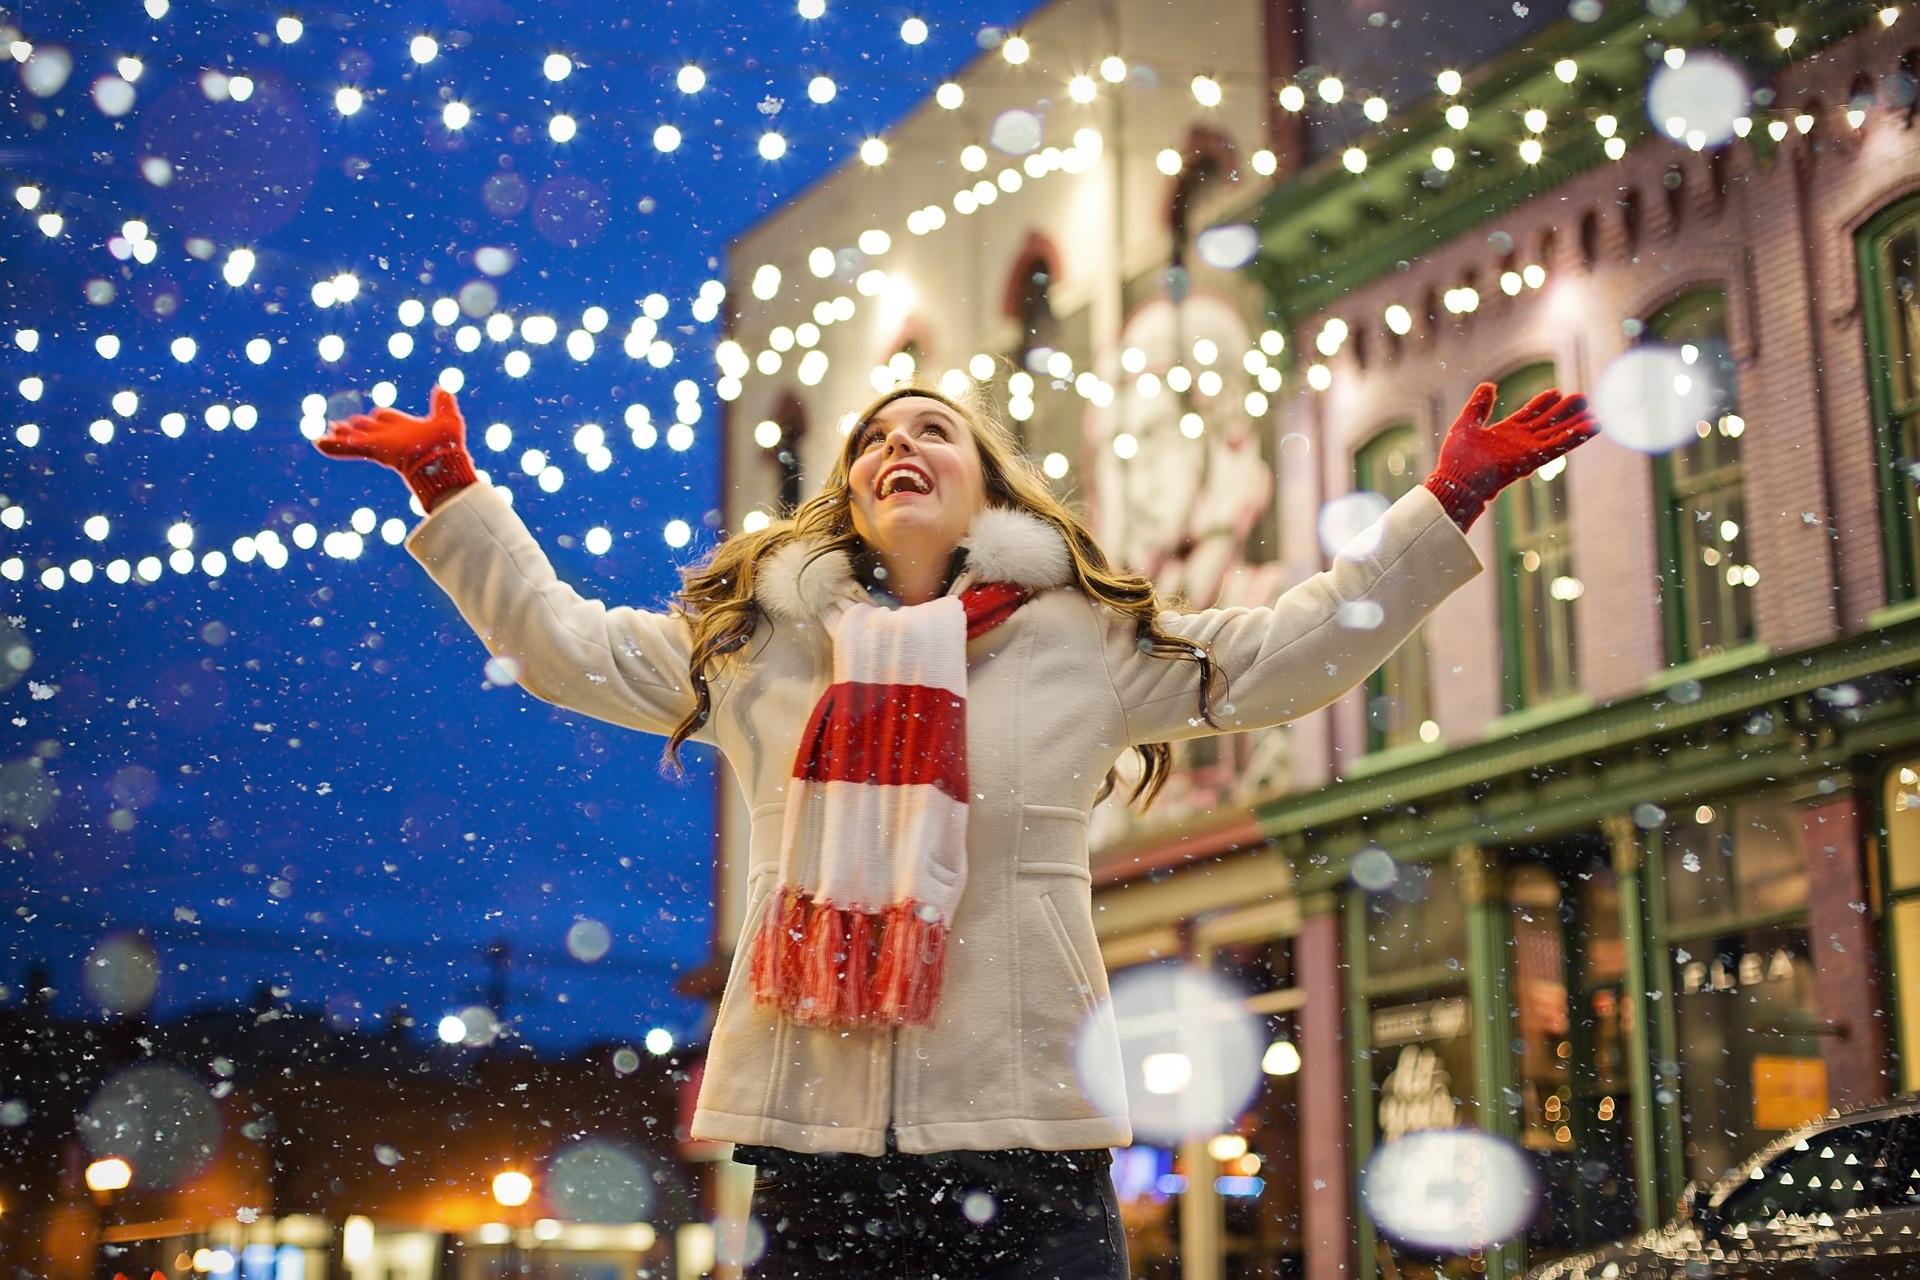 energia Escandinava electricidad Norwegian navidad